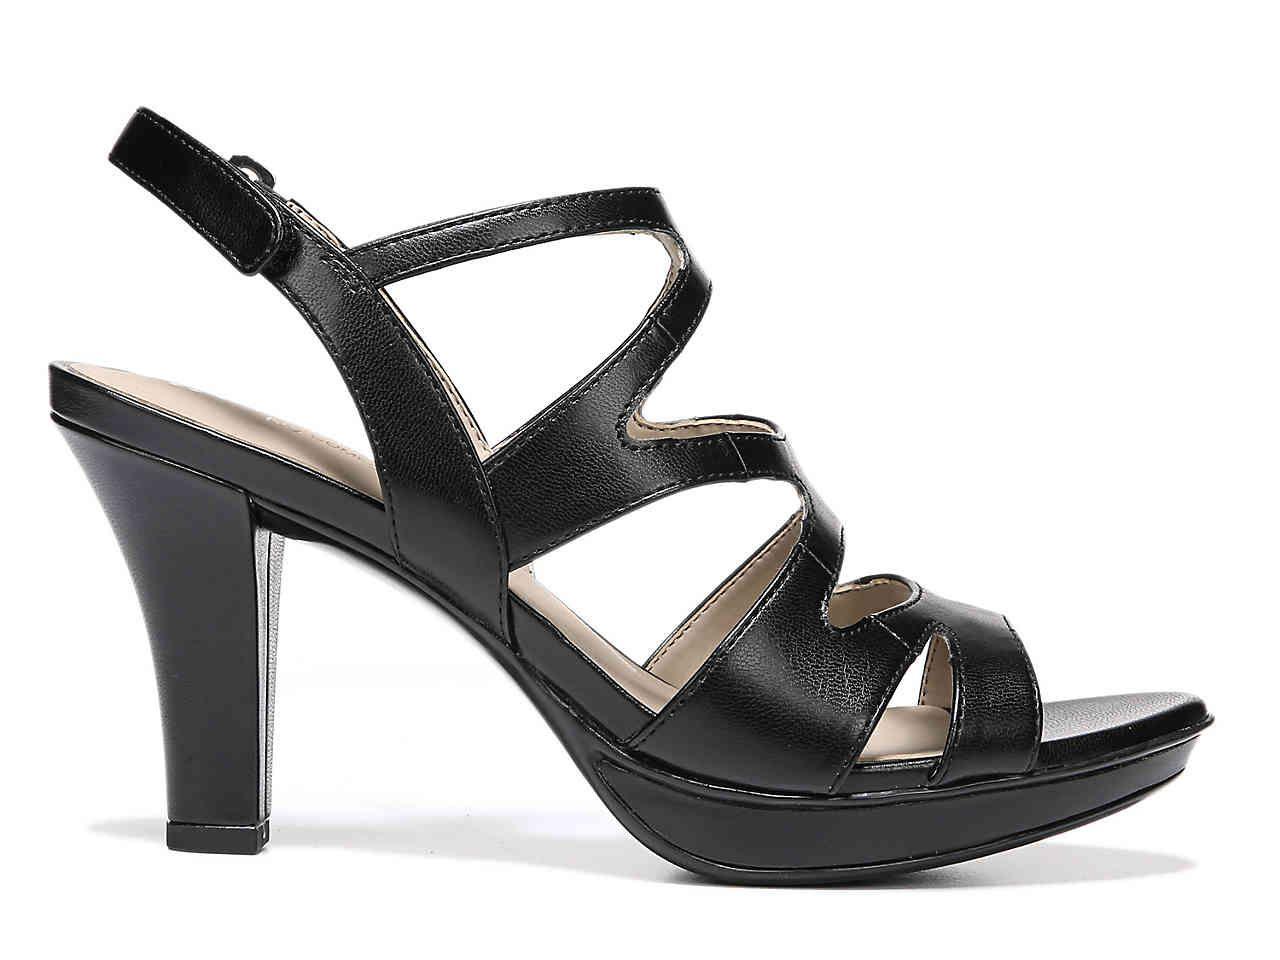 e4272b01c325 Naturalizer Dianna Platform Sandal Women s Shoes